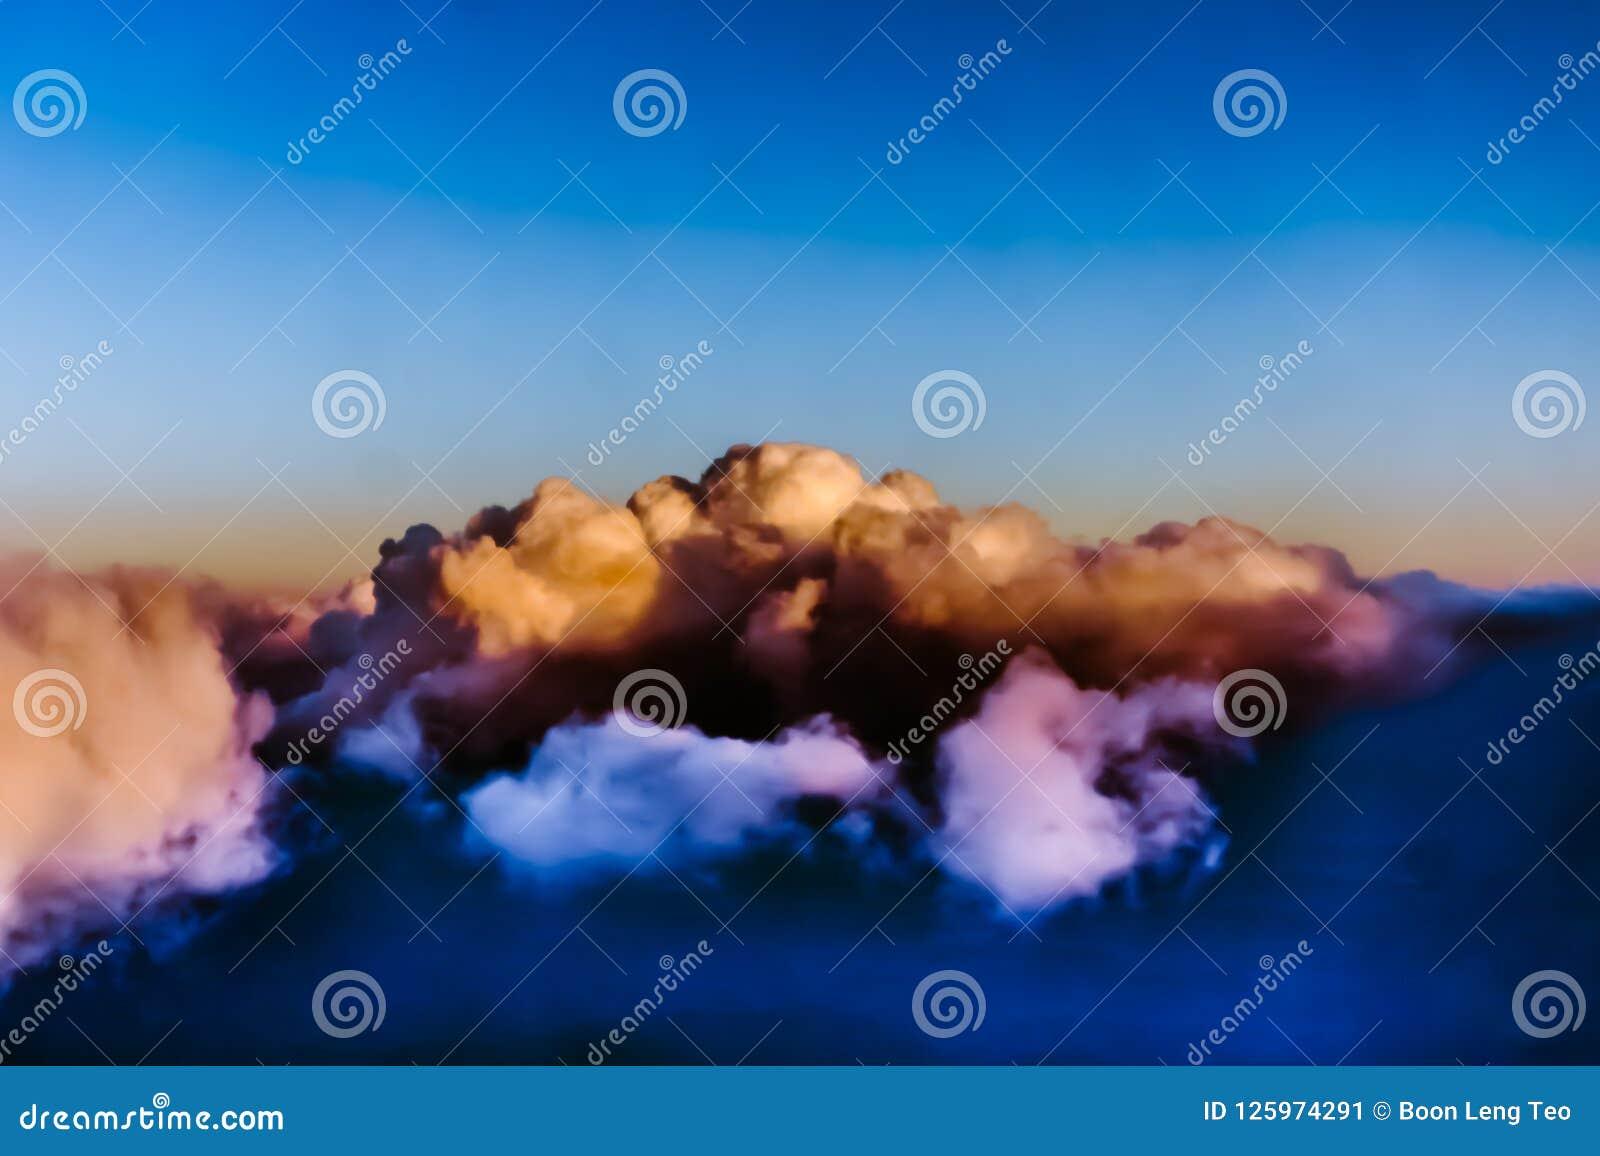 Hermosa vista de la ventana del aeroplano - nubes blancas azules rosáceas